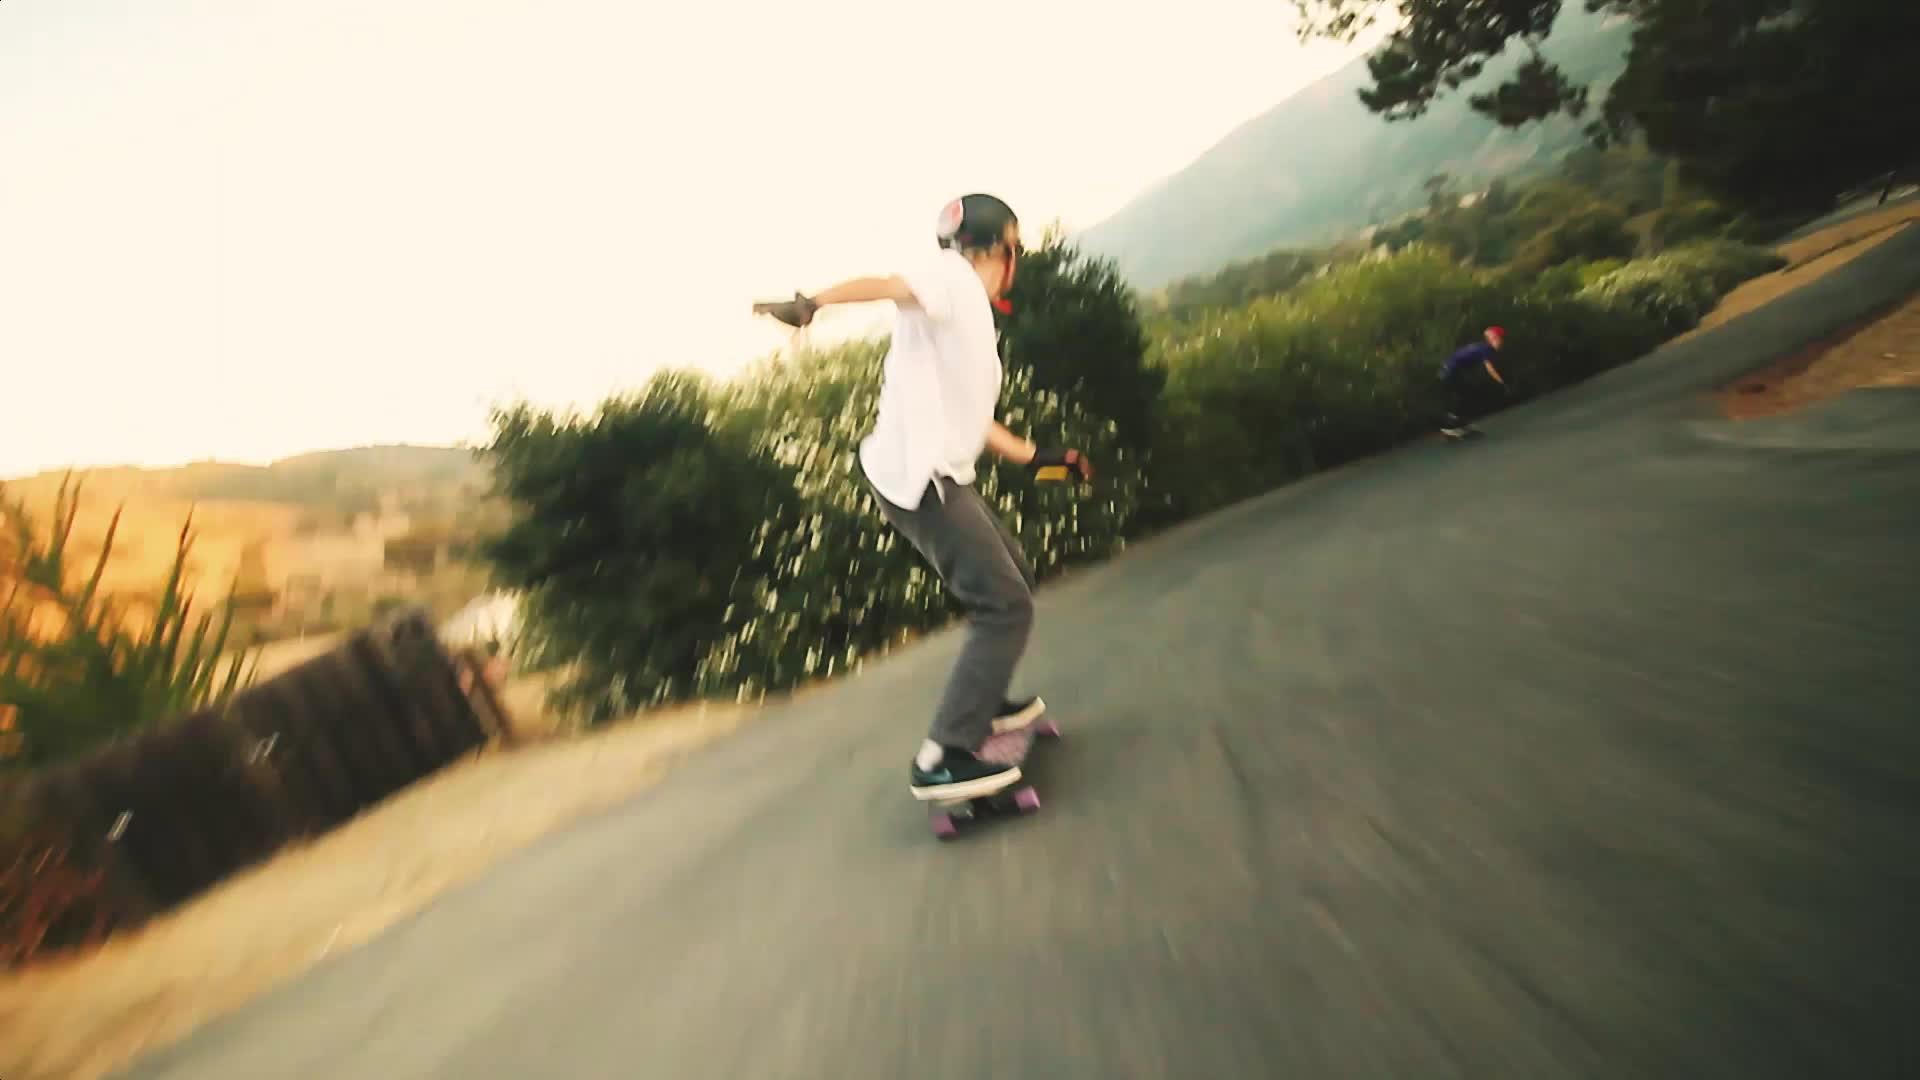 longboarding, Jett Davis smashes a heelside pre drift. GIFs